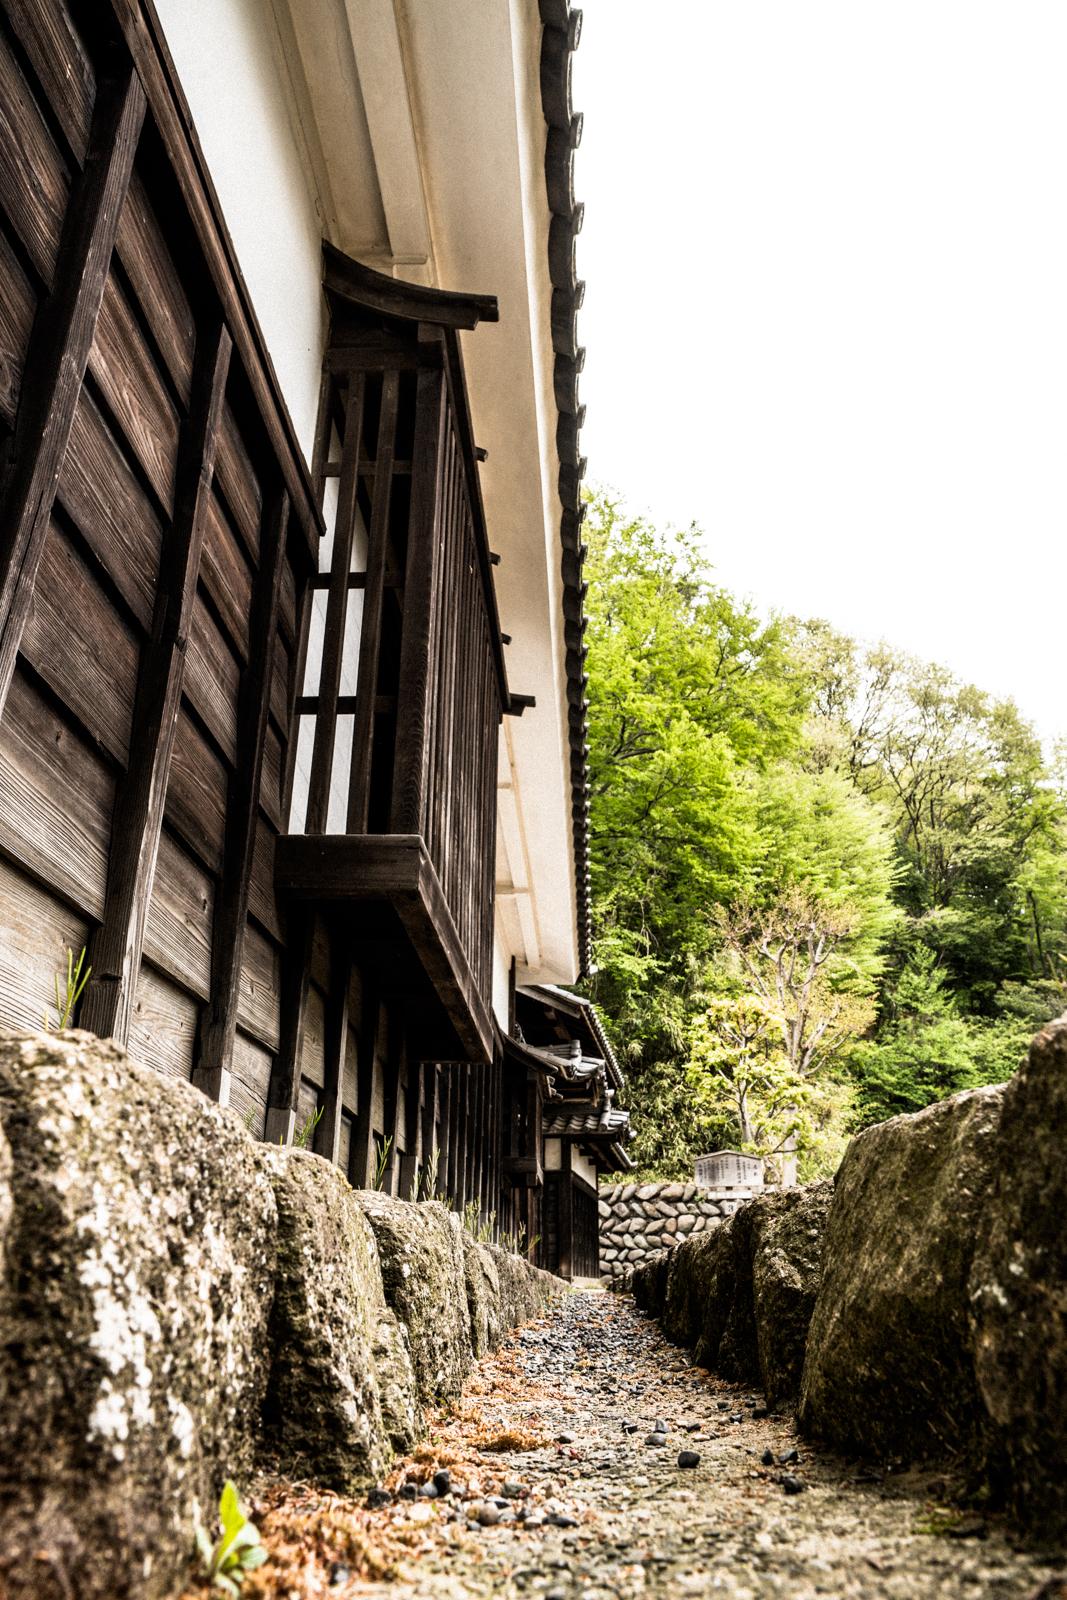 掘りと古い木の塀の写真